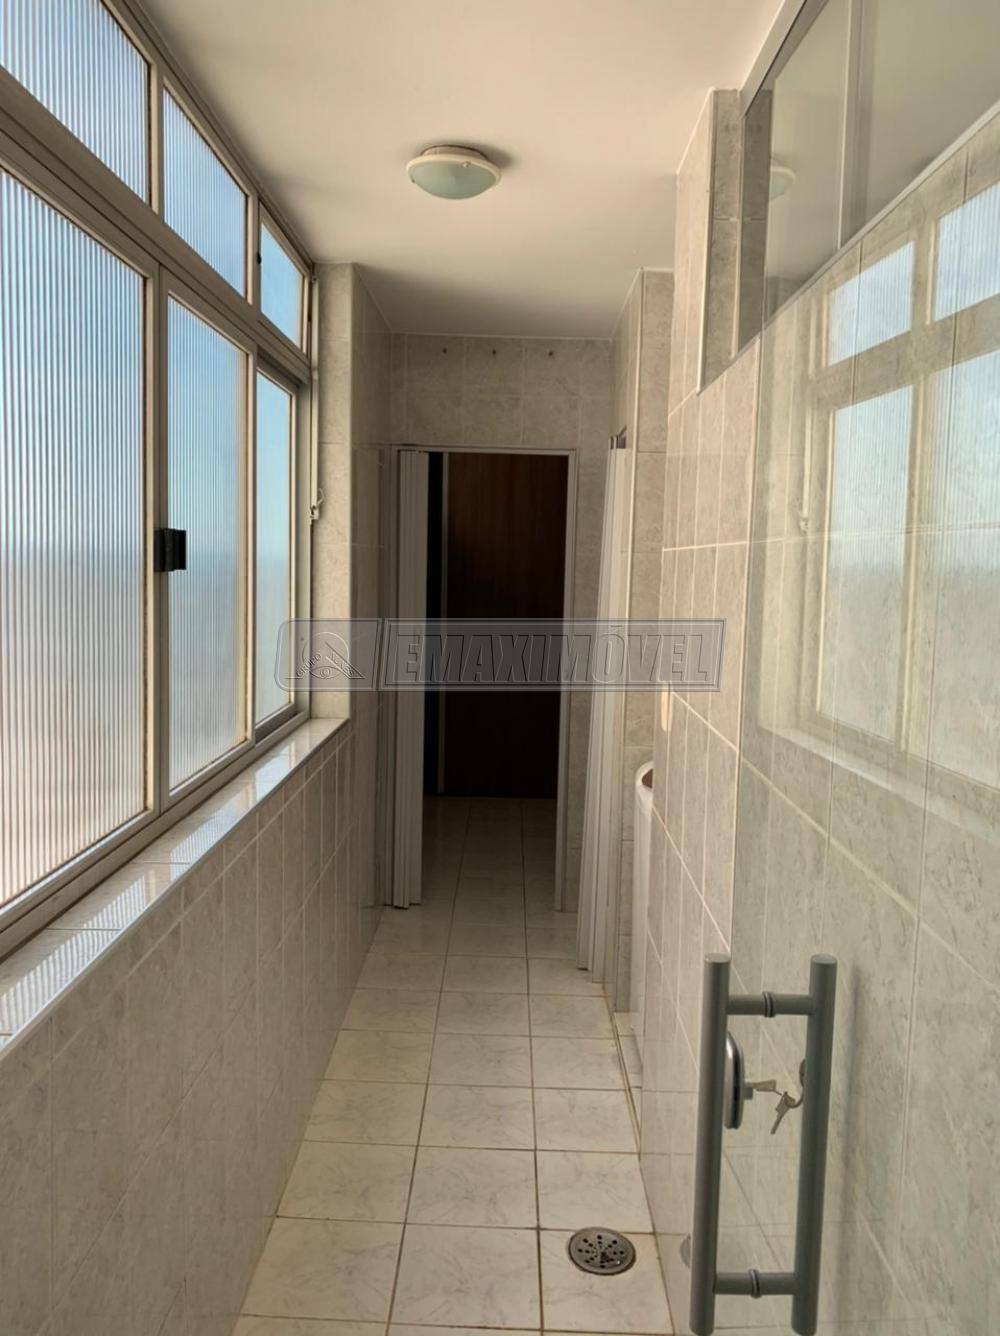 Comprar Apartamento / Padrão em Sorocaba R$ 420.000,00 - Foto 11